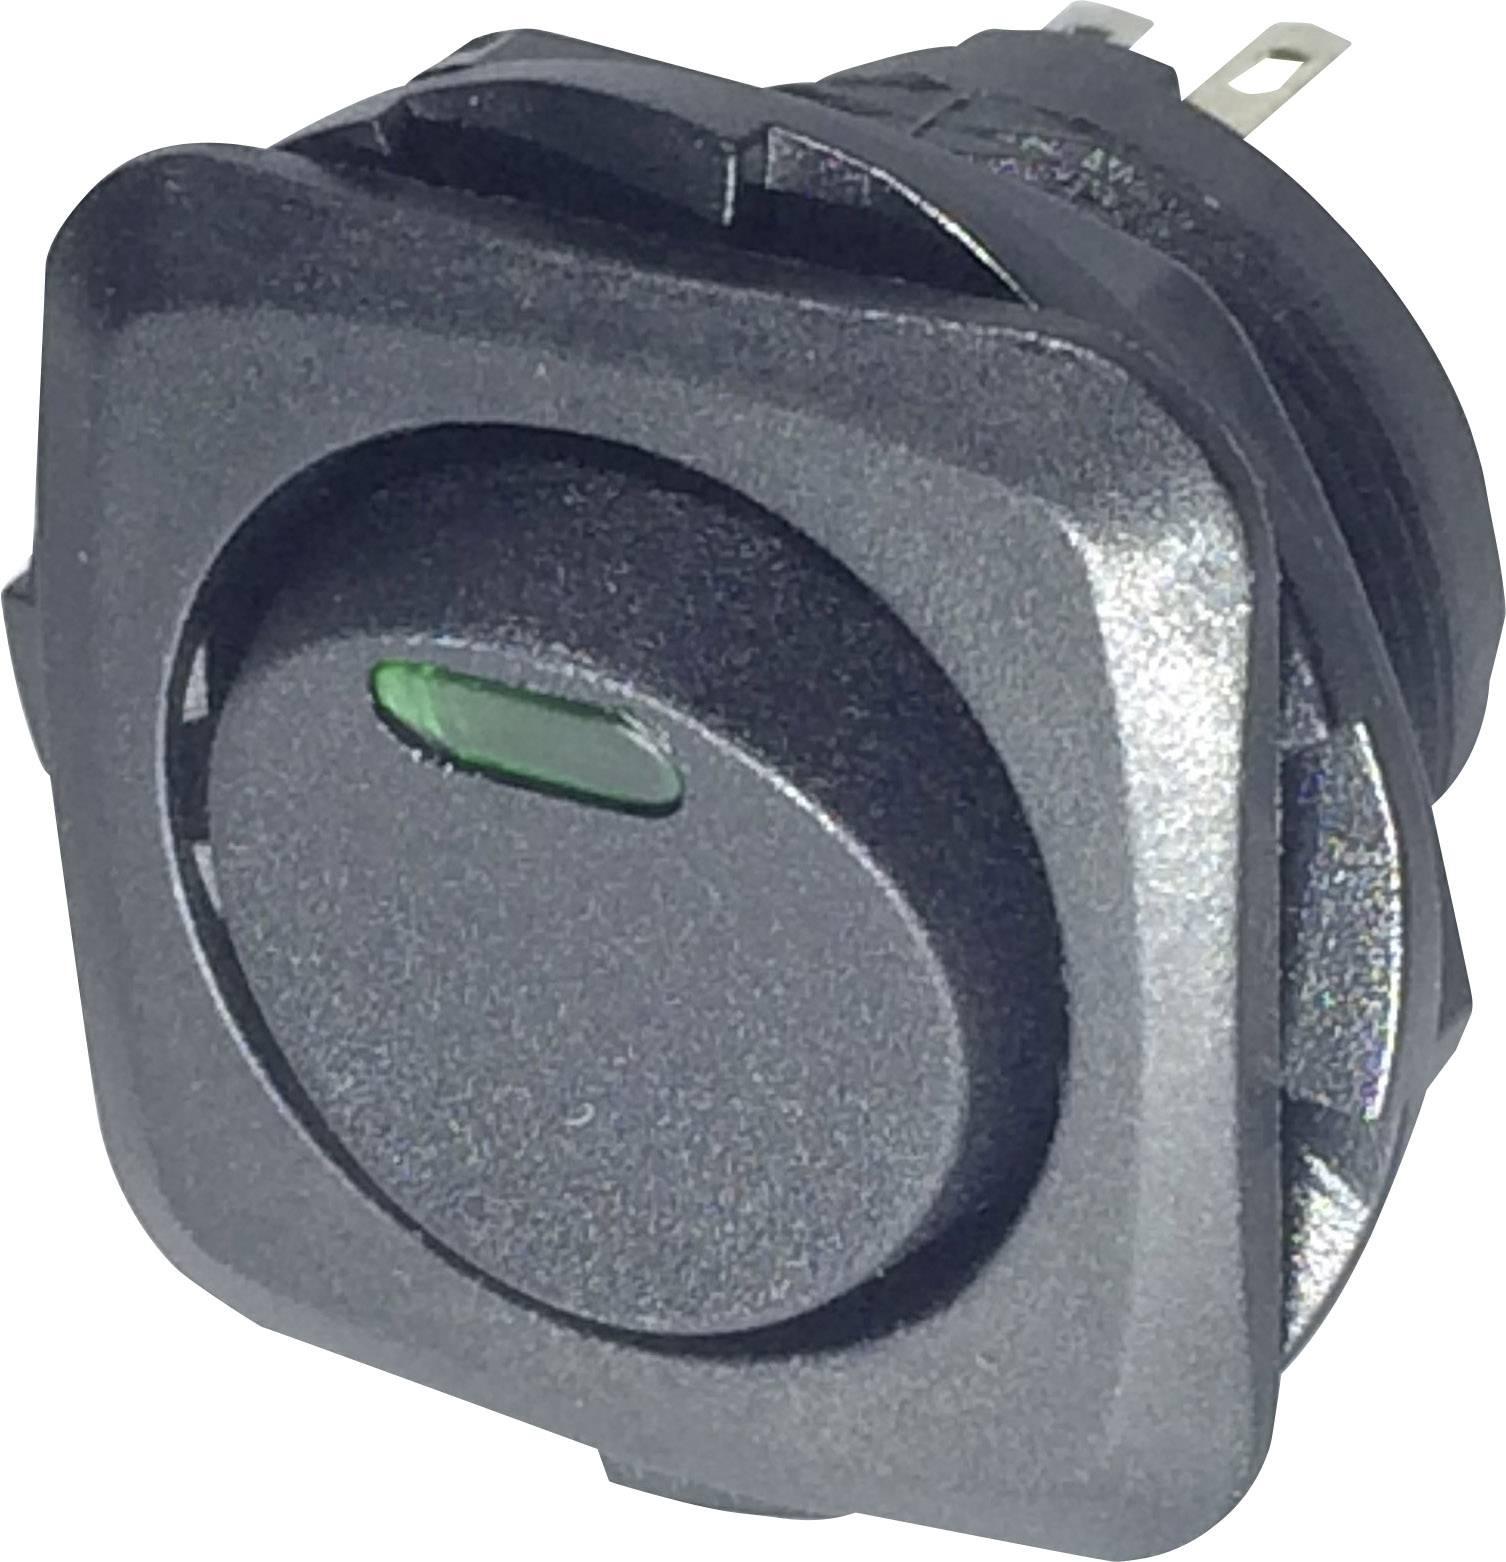 Kolébkový spínač s aretací SCI R13-135L-02, 250 V/AC, 10 A